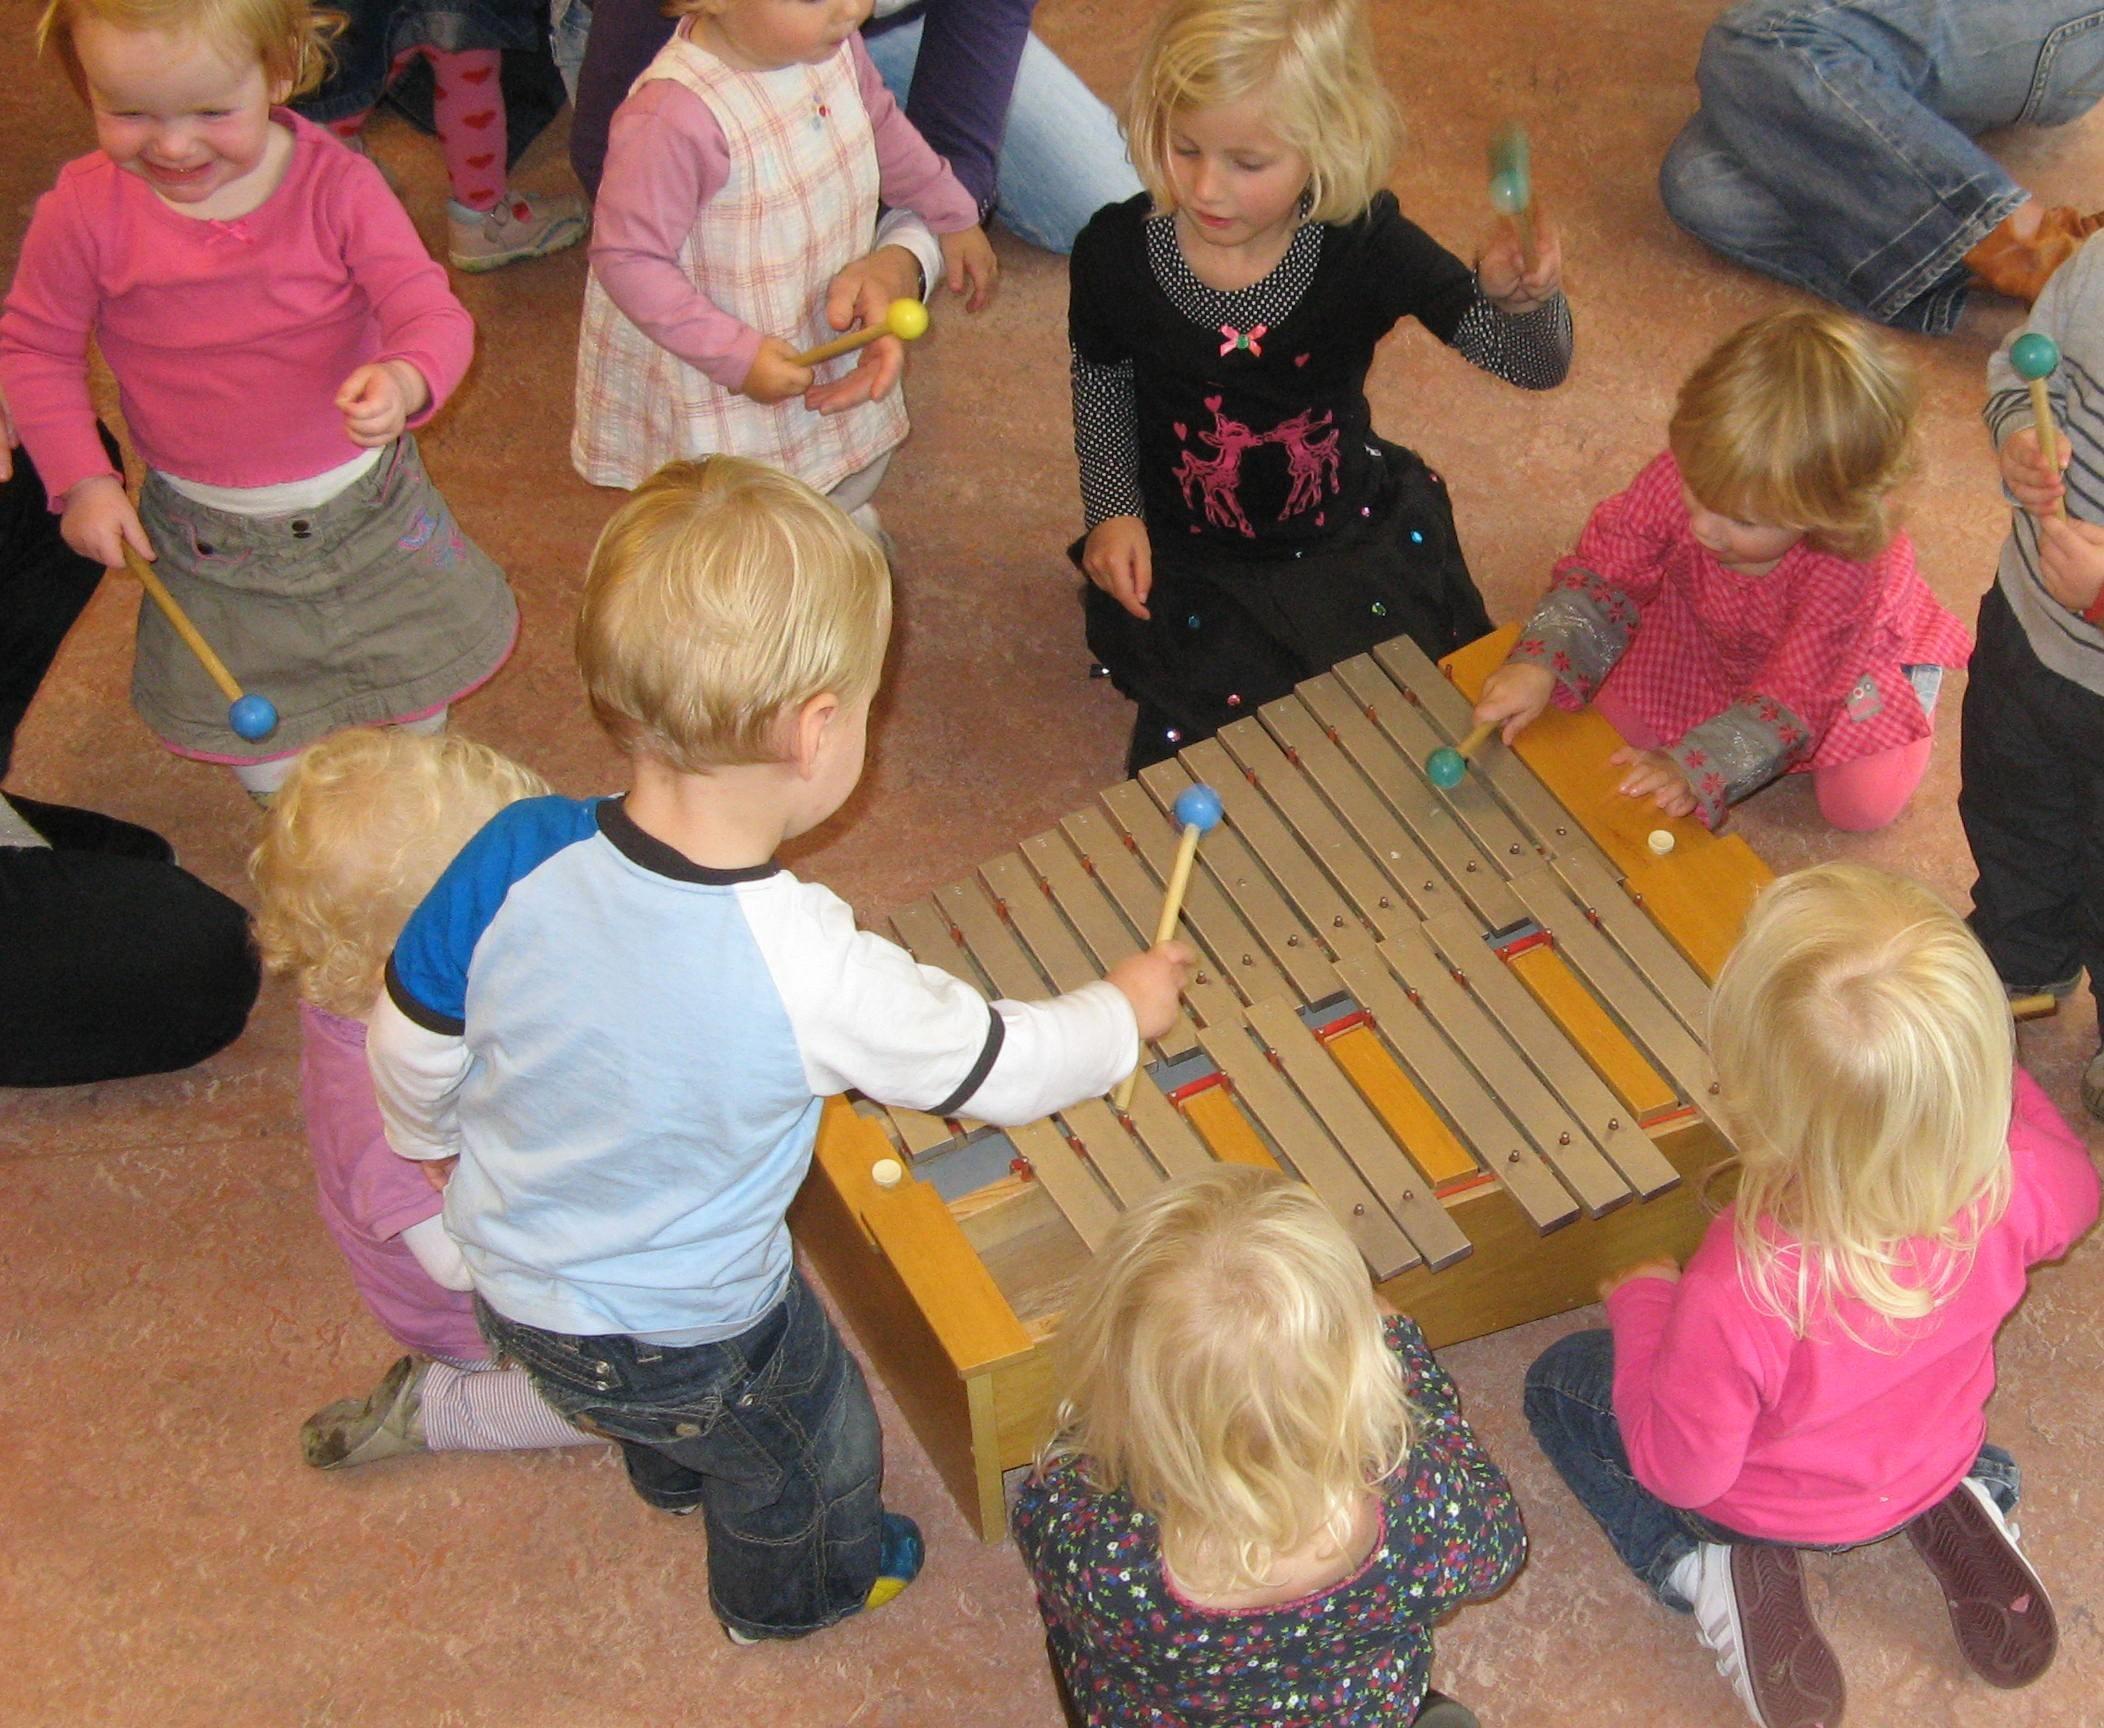 Kom naar de korte cursus Muziek op Schoot in bieb Volendam. (Foto: aangeleverd)